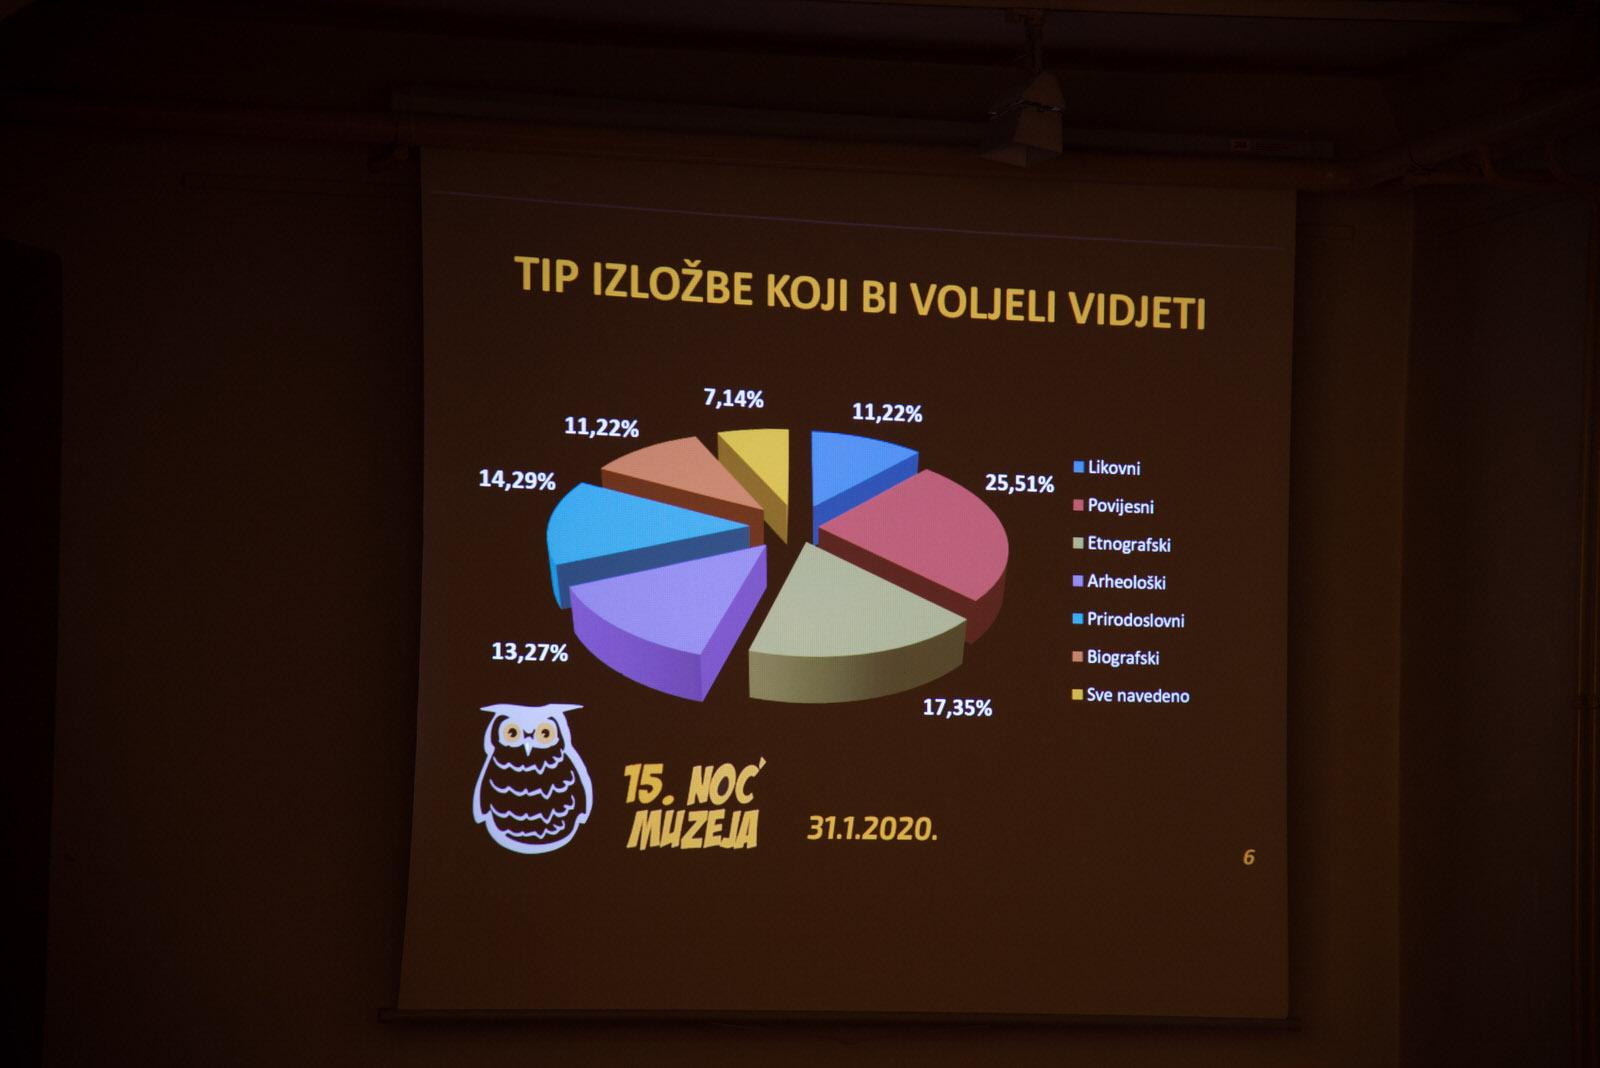 anketa rezultati (5)